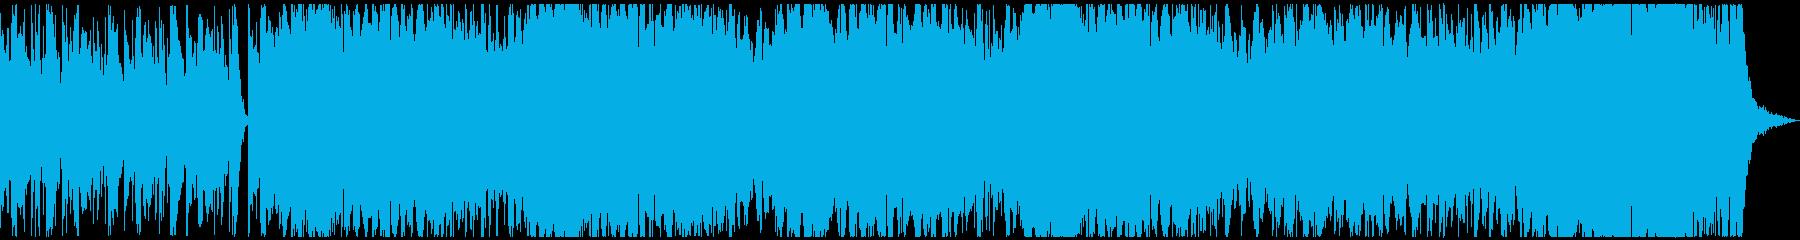 何かに突き進む印象を想起させる曲の再生済みの波形